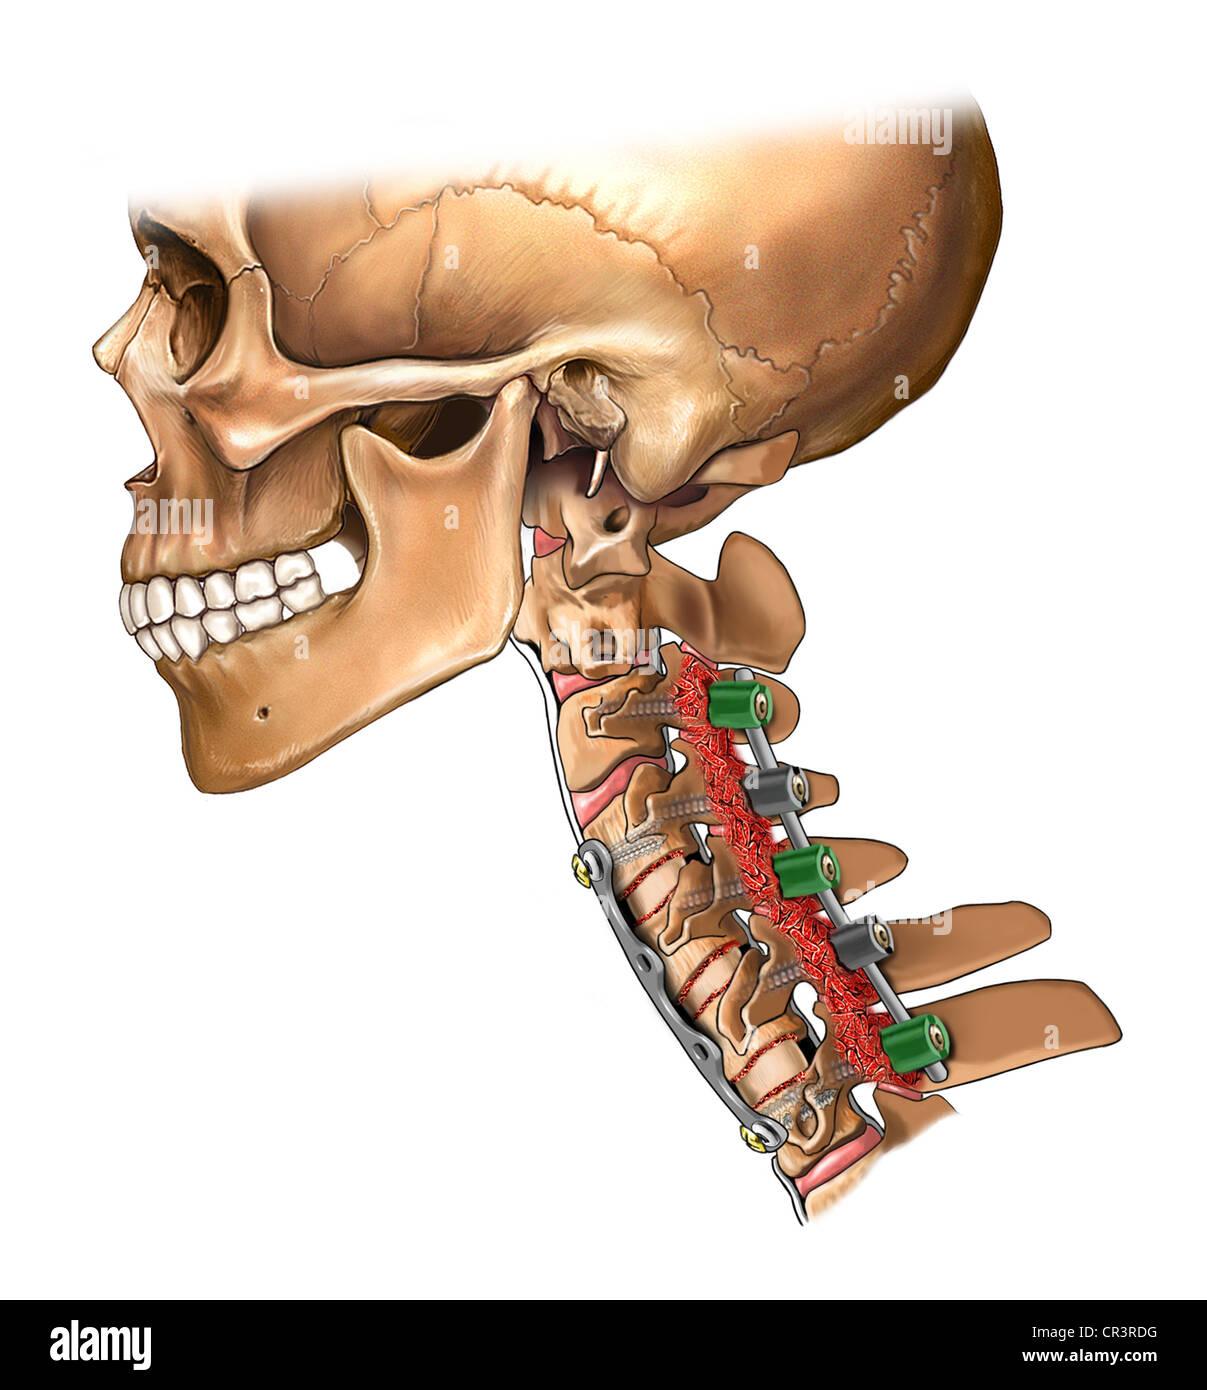 Cervical Bone Fusion Stock Photos Cervical Bone Fusion Stock